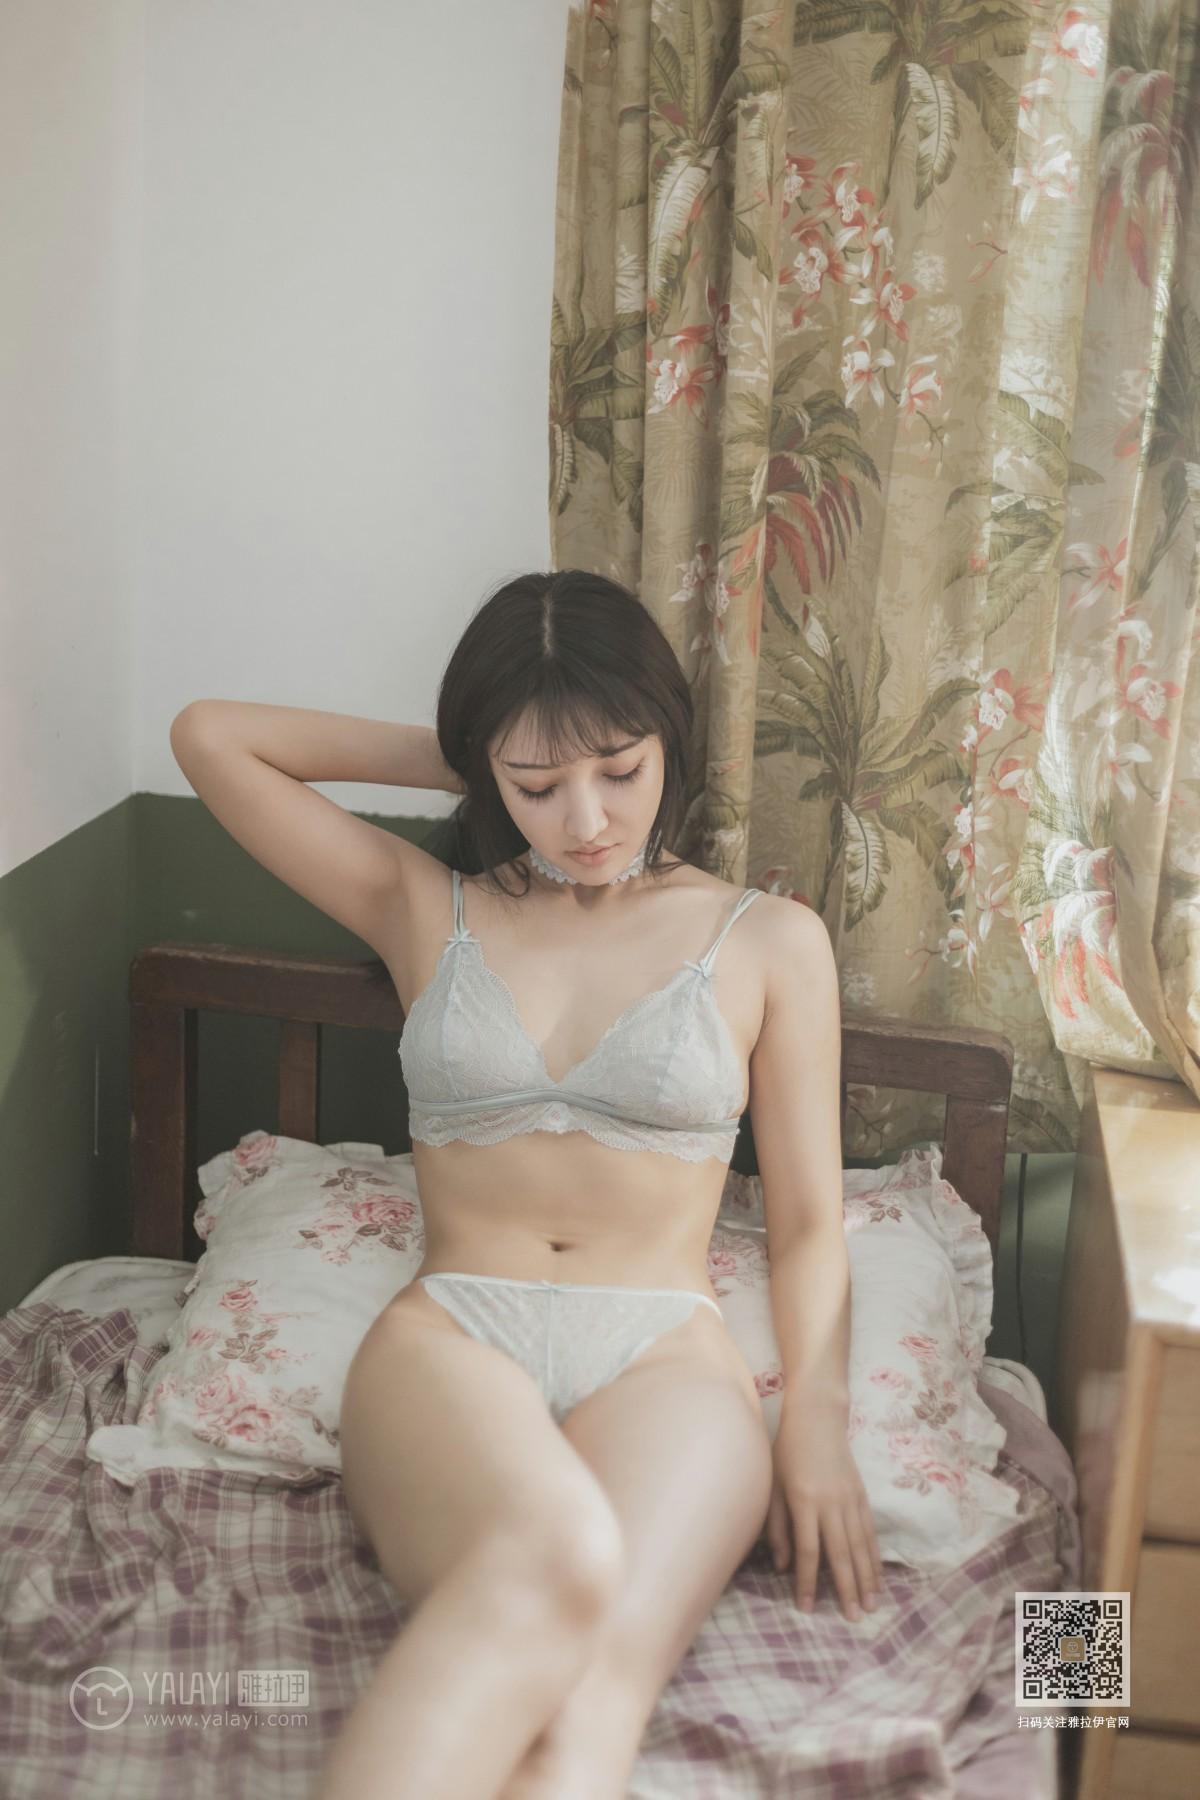 [YALAYI雅拉伊] 2020.01.07 Y512 韩熙 杏色女孩儿 第4张